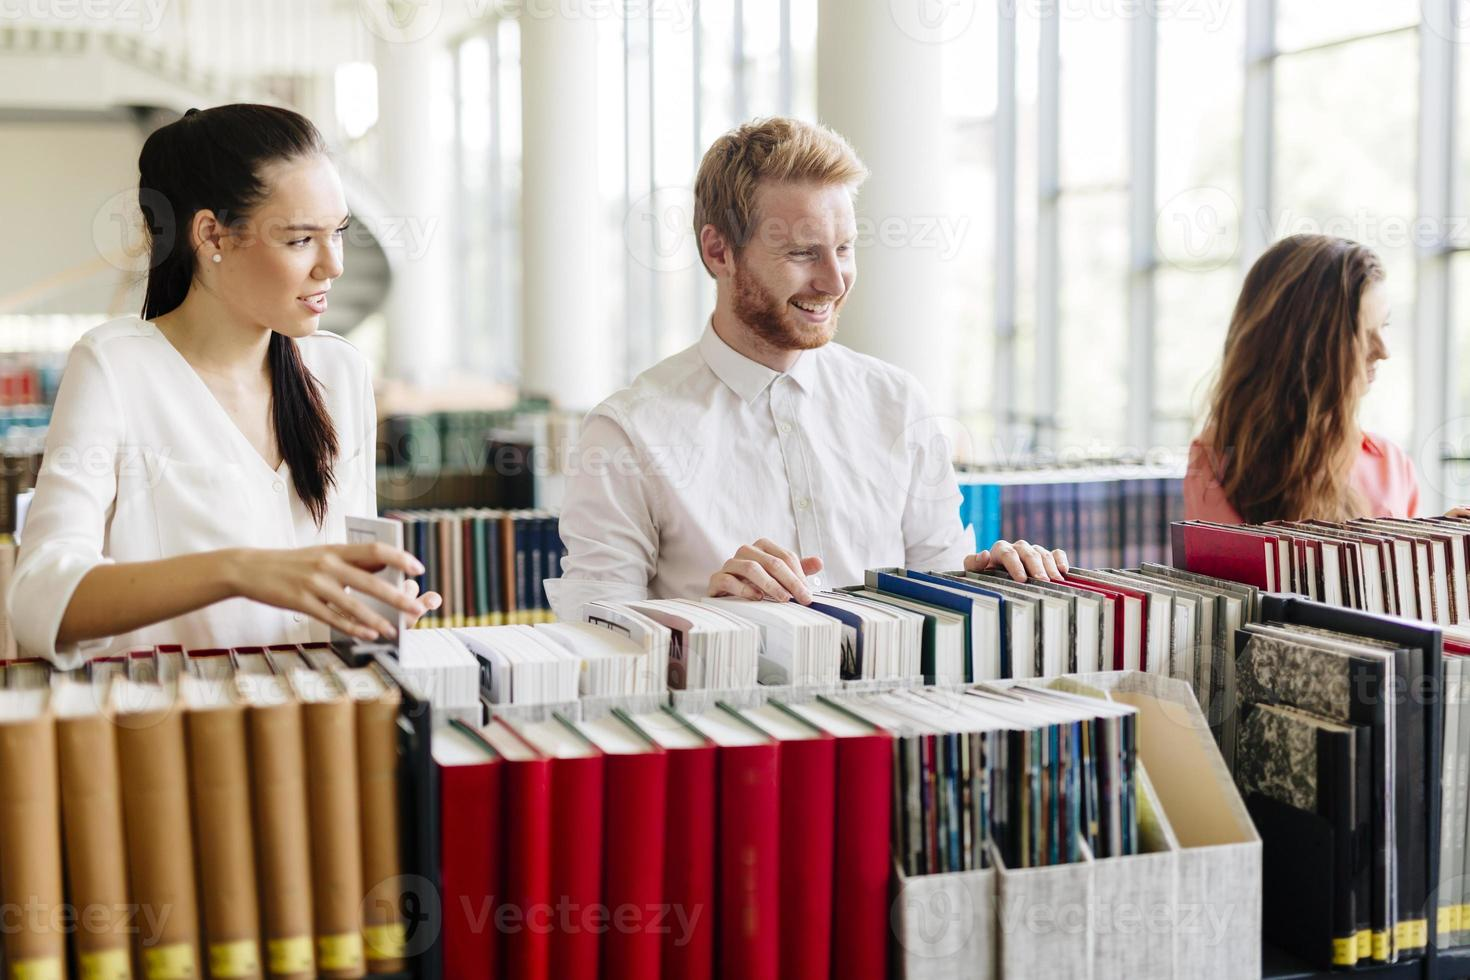 Gruppe von Studenten, die in der Bibliothek studieren foto